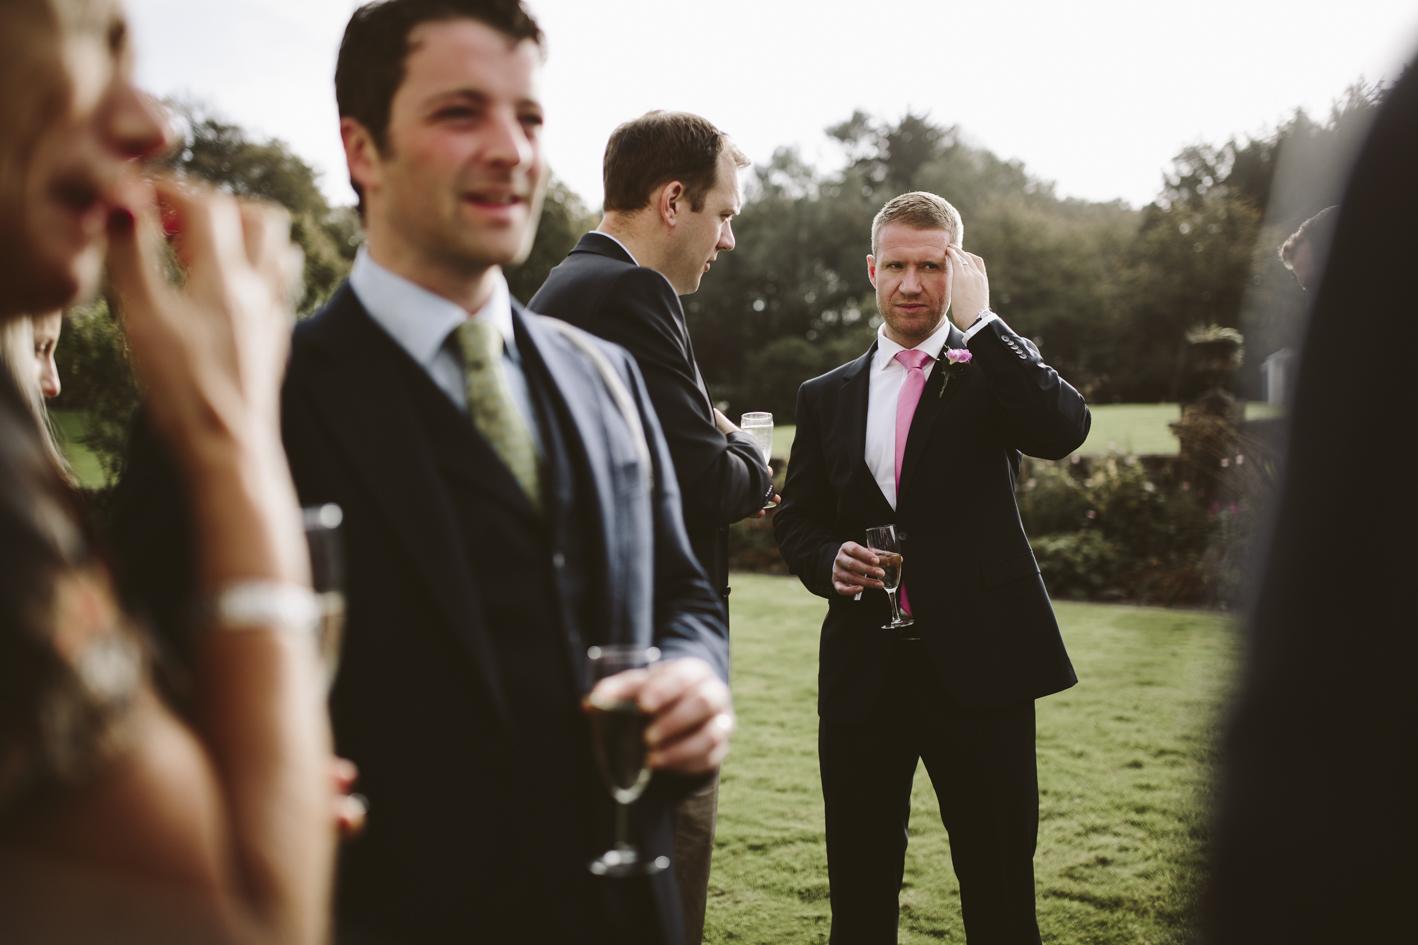 Wedding photographer Ireland Graciela Vilagudin 827.jpg